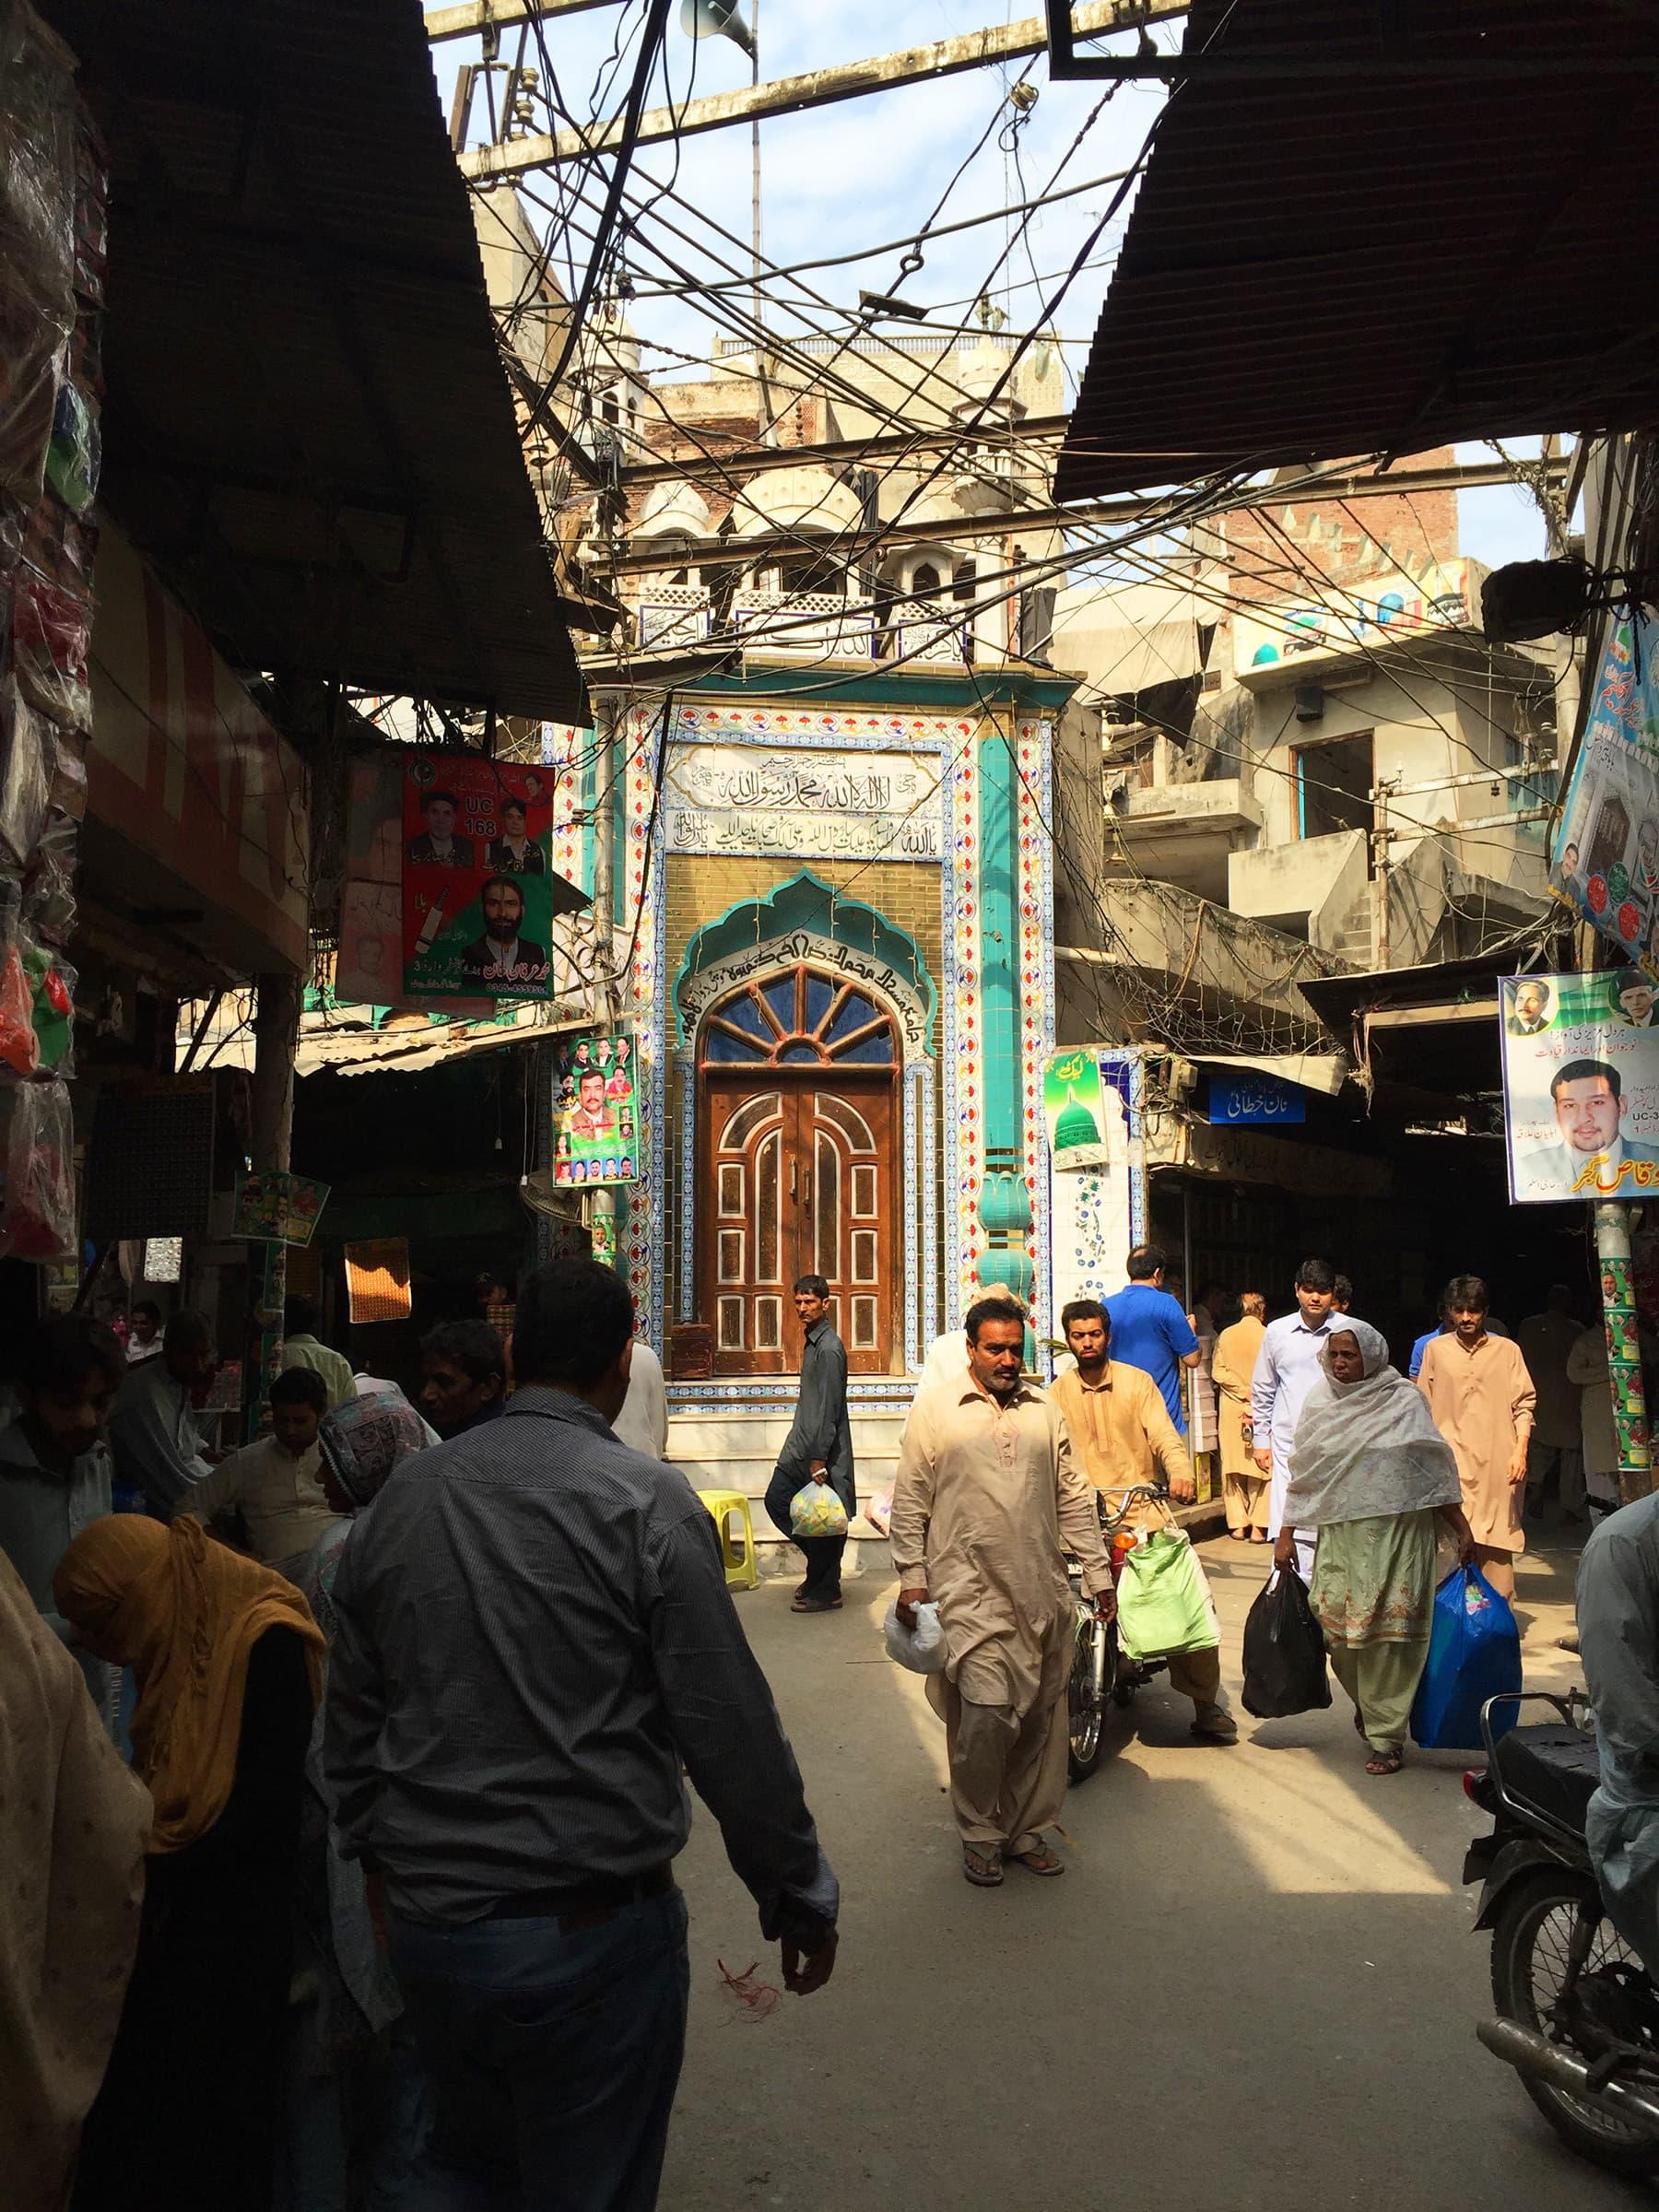 Mochi gate entrance. —Taimur Shamil